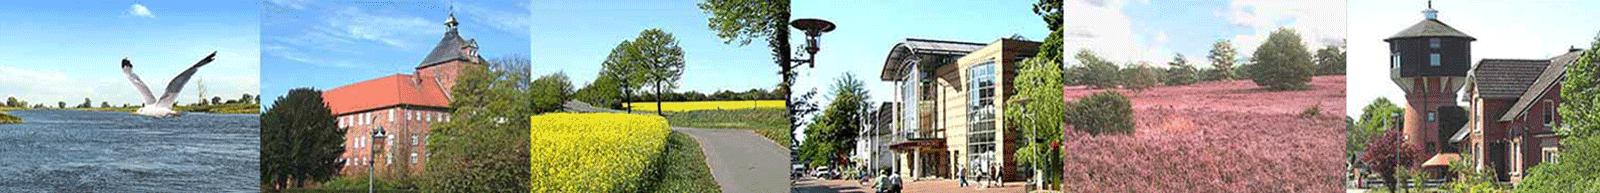 Firmen im Landkreis Harburg